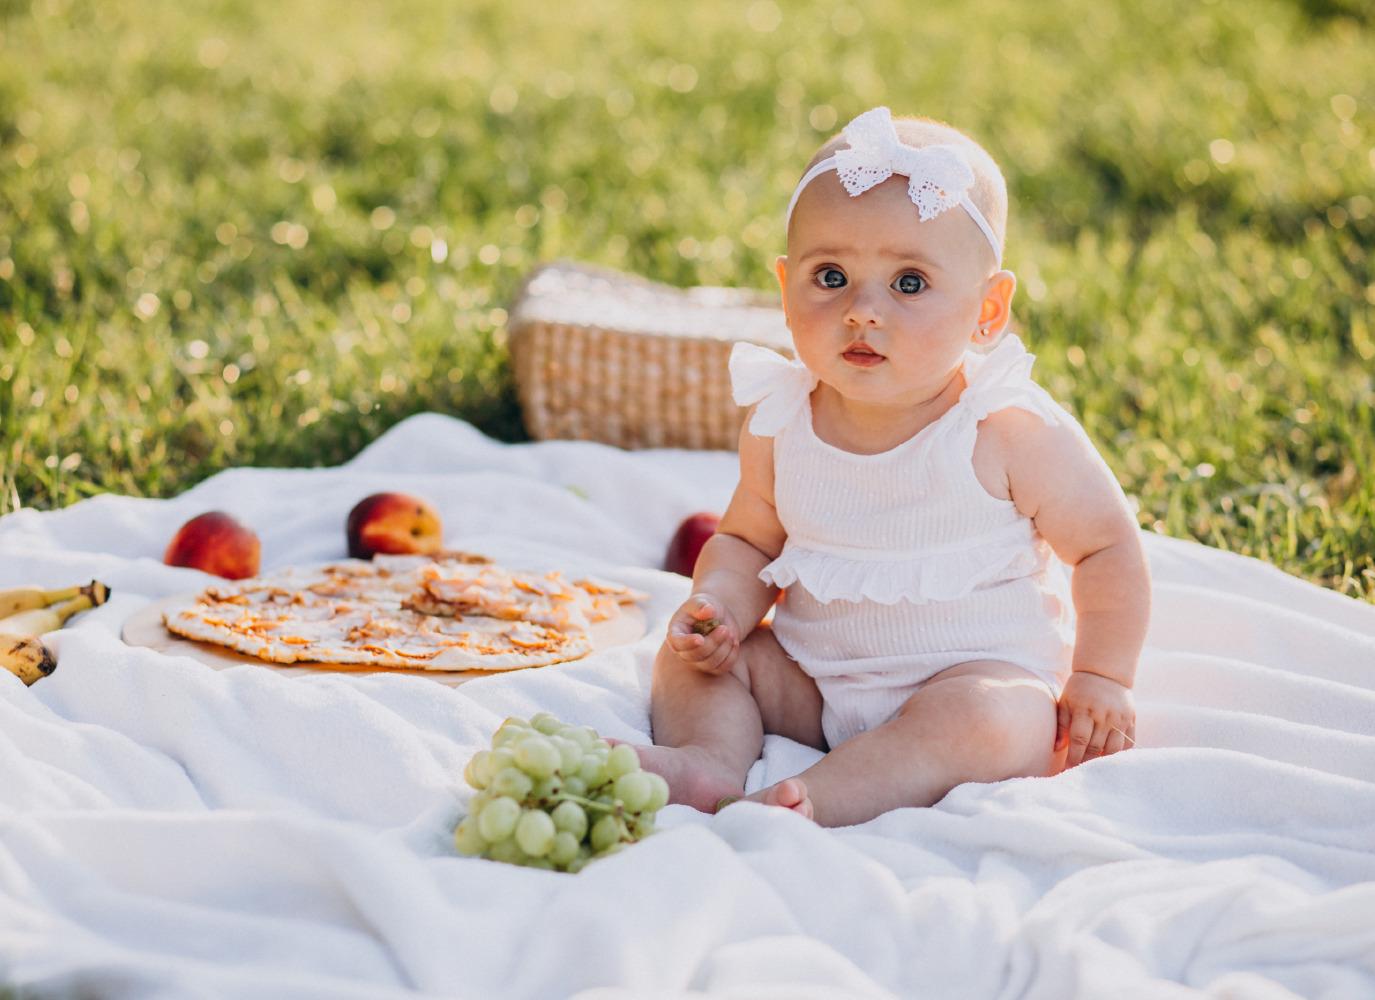 Dinh dưỡng cho bé 1 tuổi – những thông tin mà không nên bỏ qua